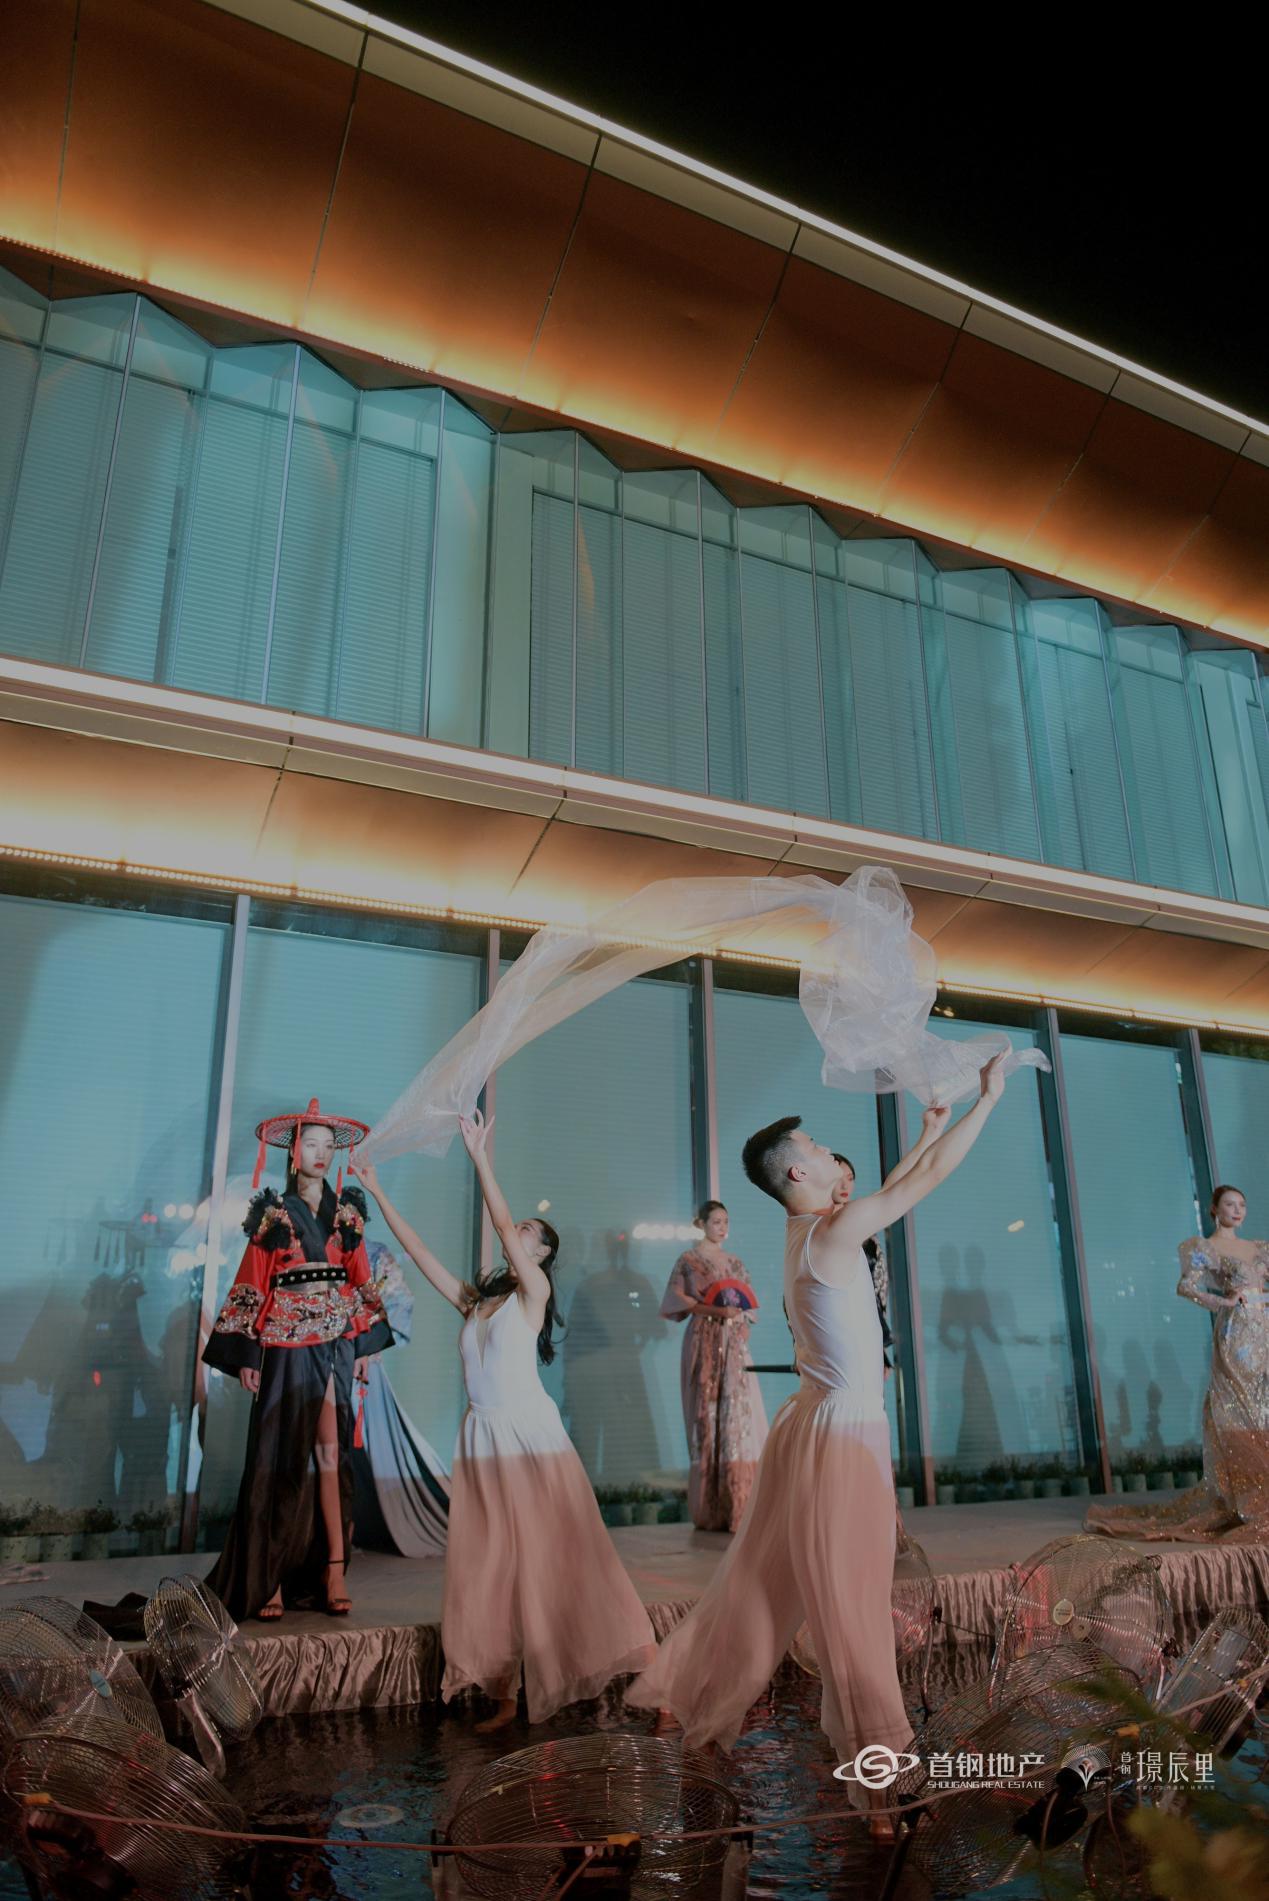 美学与艺术的交响,首钢璟辰里美学生活体验馆璀璨启幕